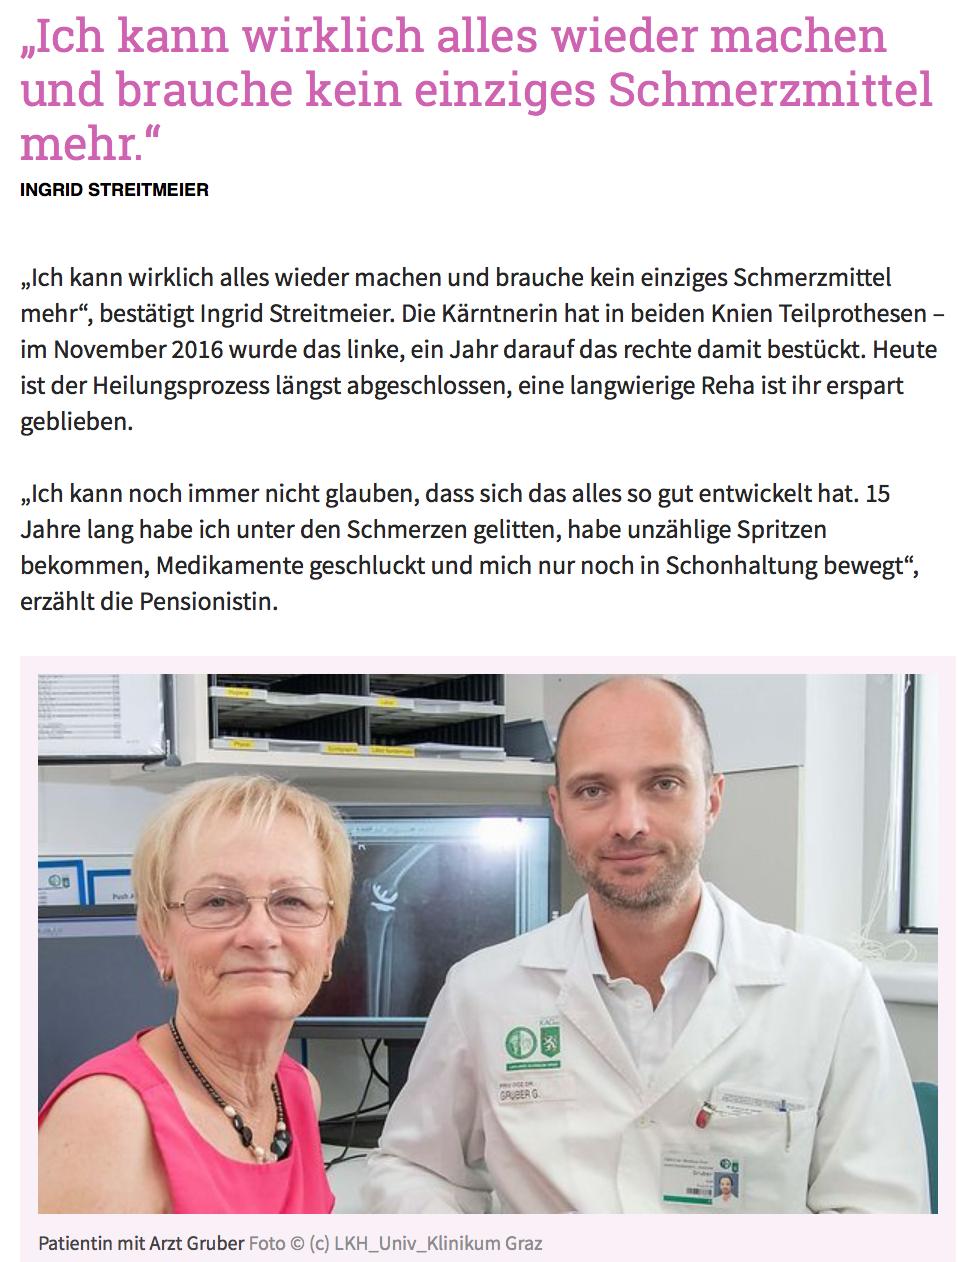 Kleine Zeitung - Arthrose: Neue Alternative zu Prothese